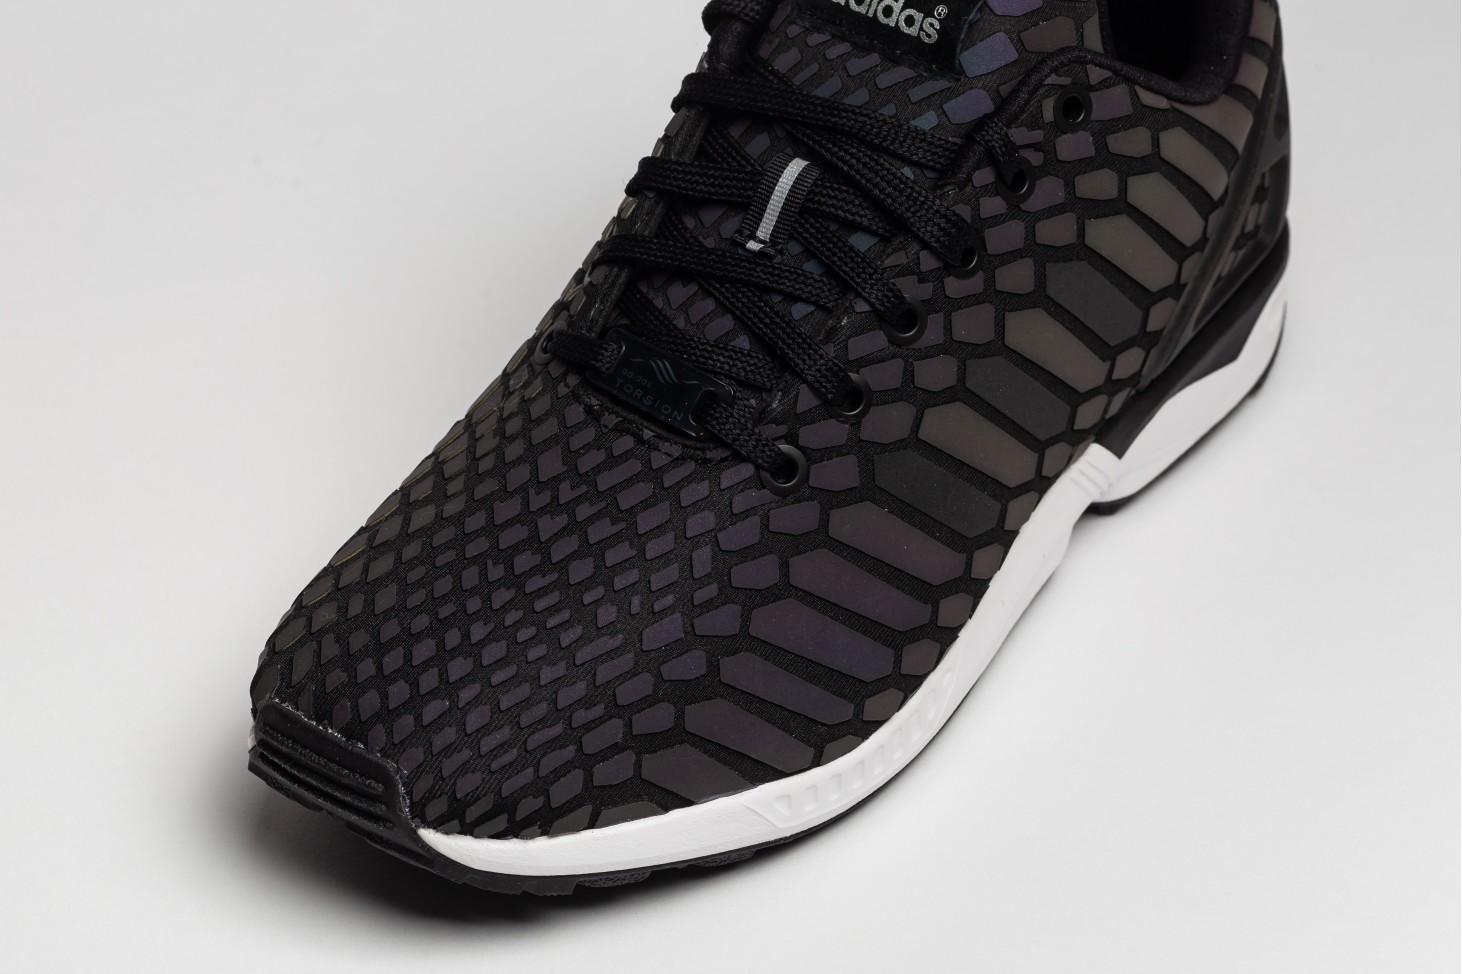 Zapatillas Adidas ZX Flux Xeno Core Black Supplier Colour